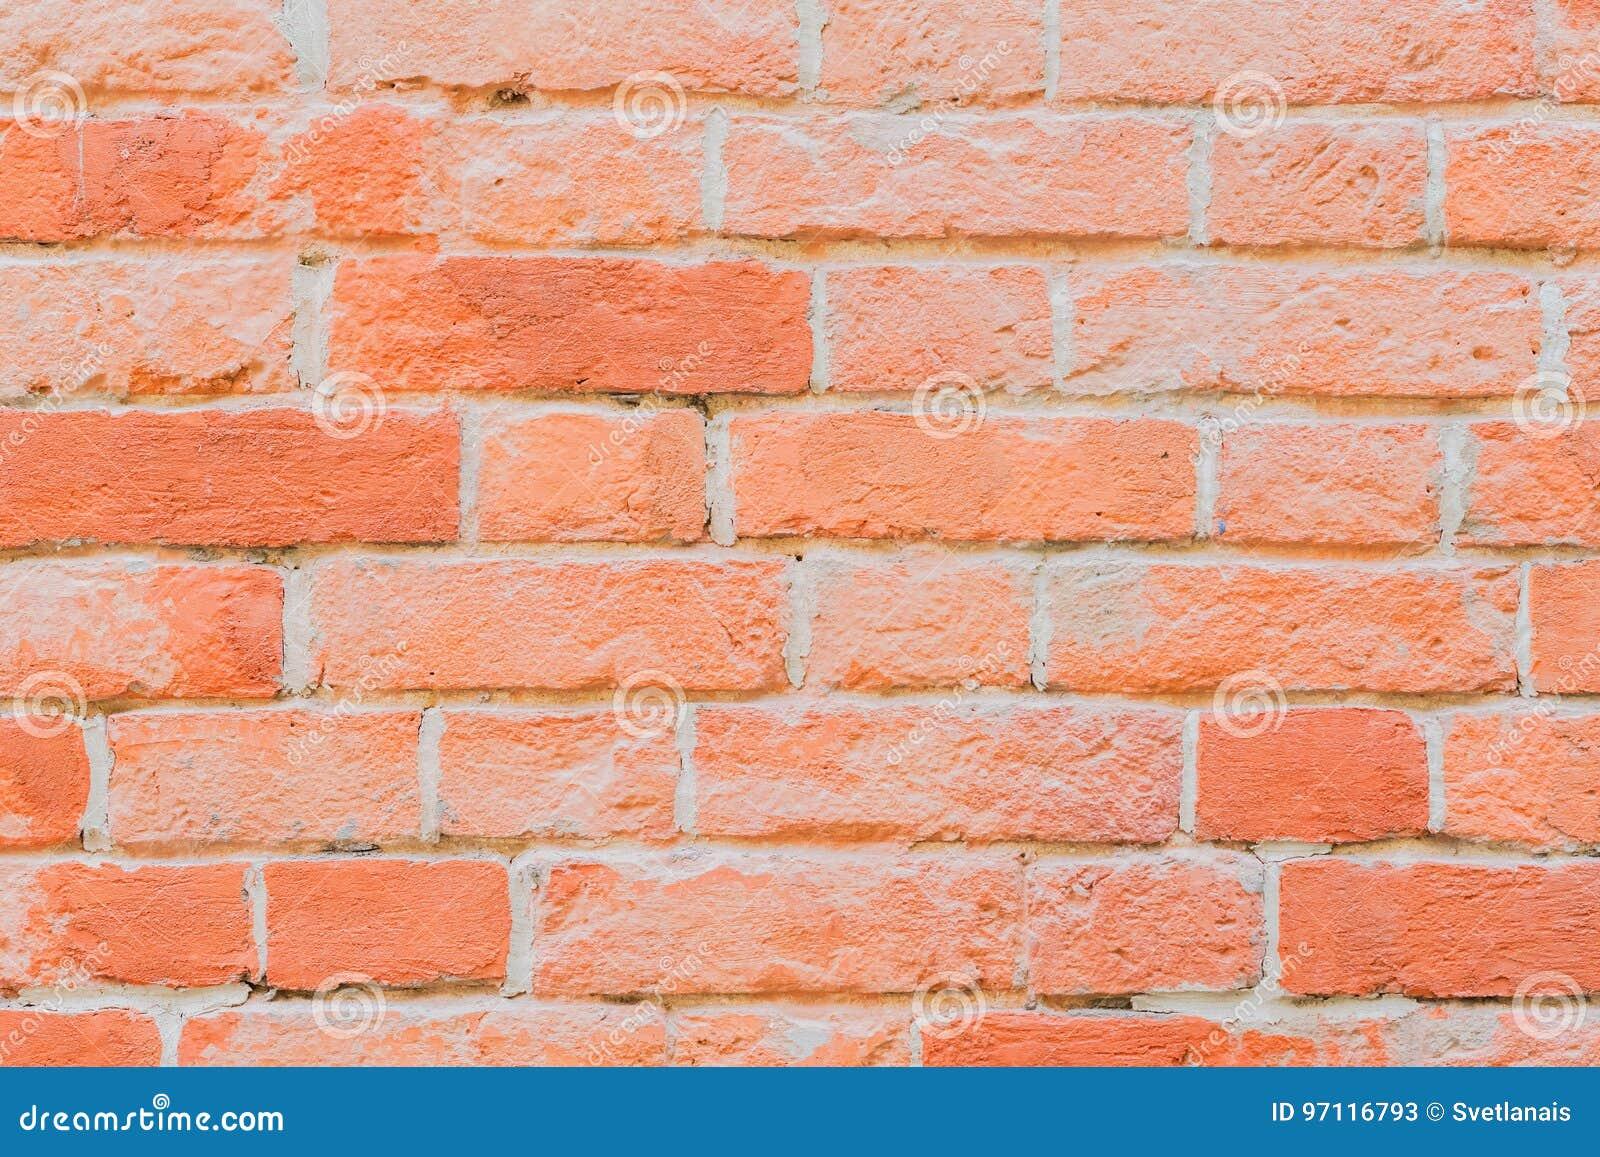 Carta Da Parati Su Muro Ruvido.Muro Di Mattoni Rosso Ruvido Struttura Di Muratura Per Fondo Moderno